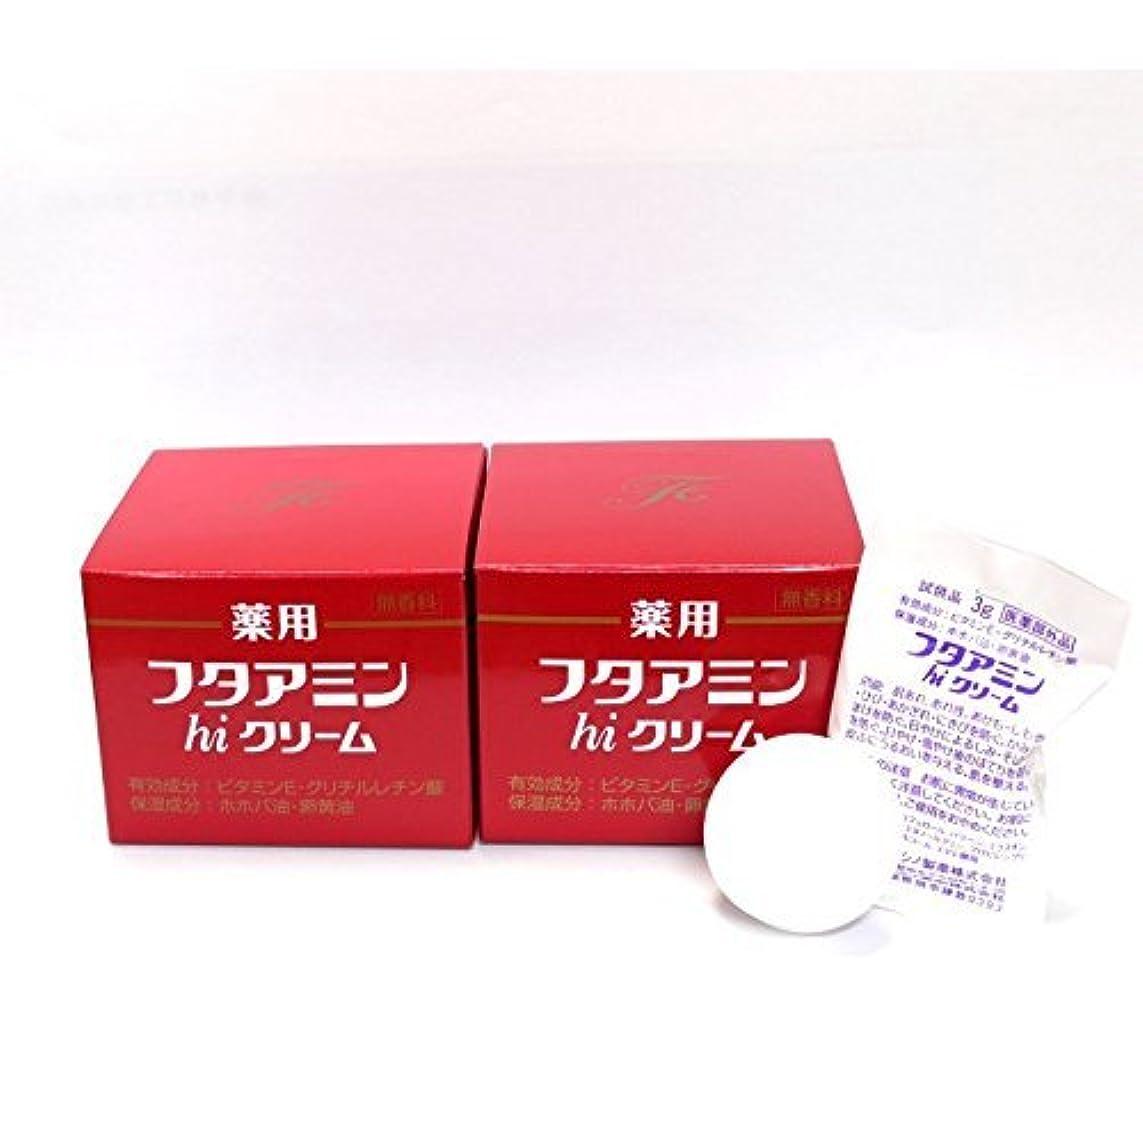 遠い床を掃除する血色の良いフタアミンhiクリーム 130g 2個セット  3gサンプル2個付